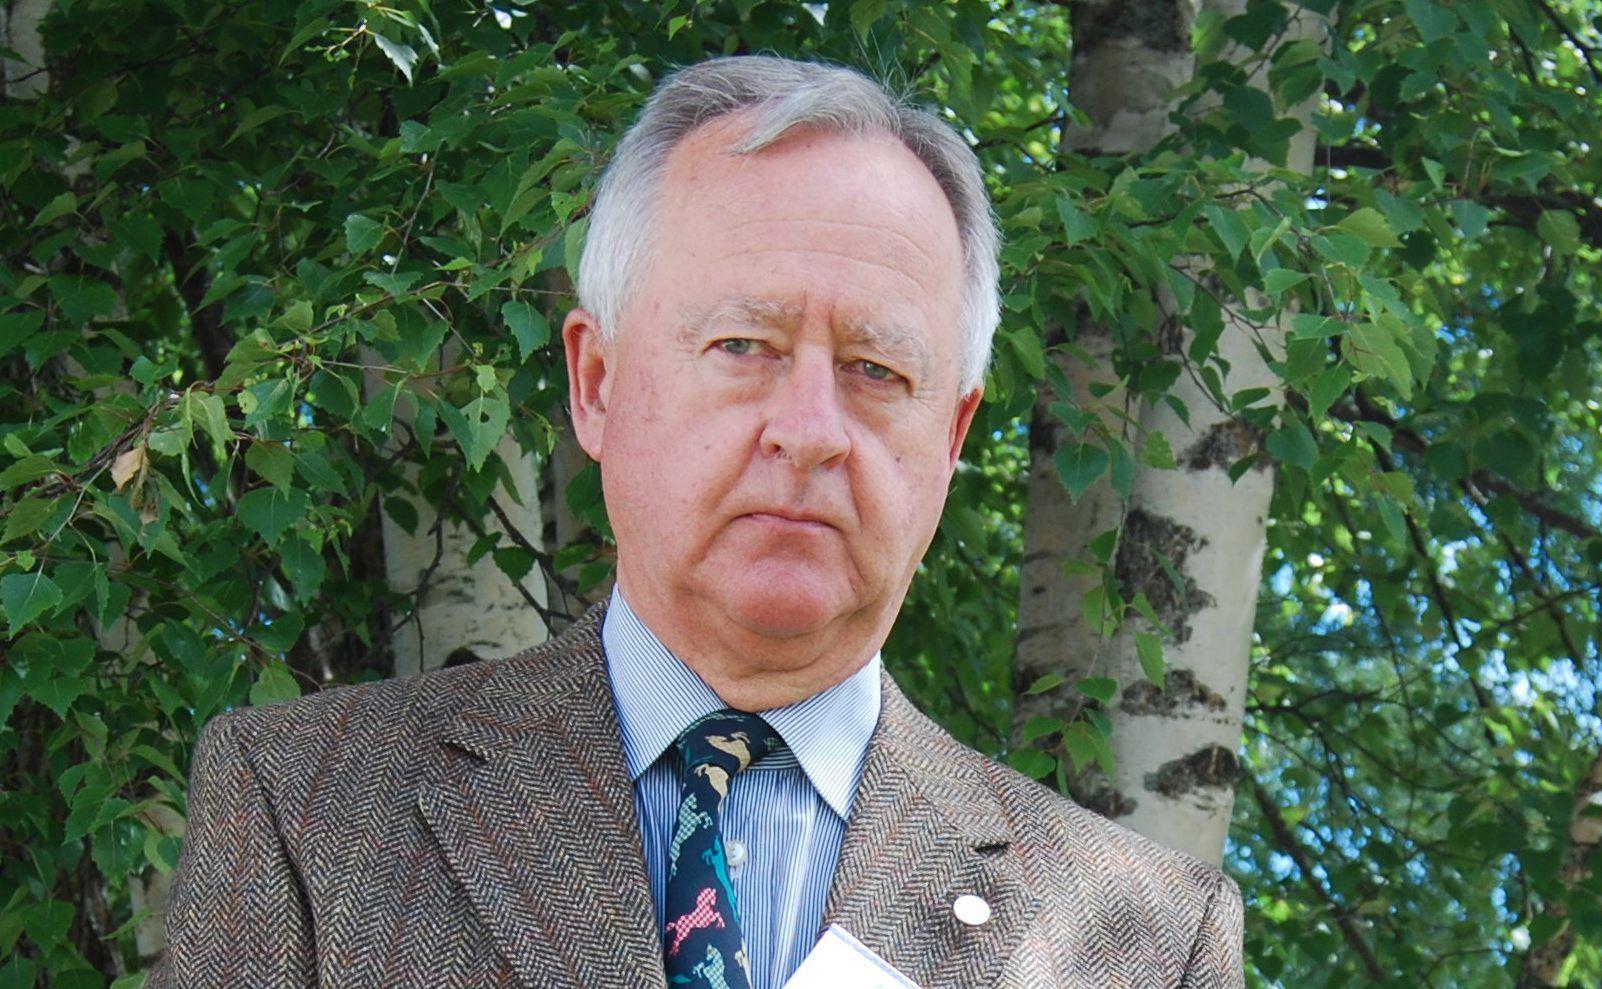 DØD: Johan C. Løken var valgt inn på Stortinget for Hedmark i årene 1981 til 1993. Han var medlem av Elverum kommunestyre og Hedmark fylkesting i 1970-årene.